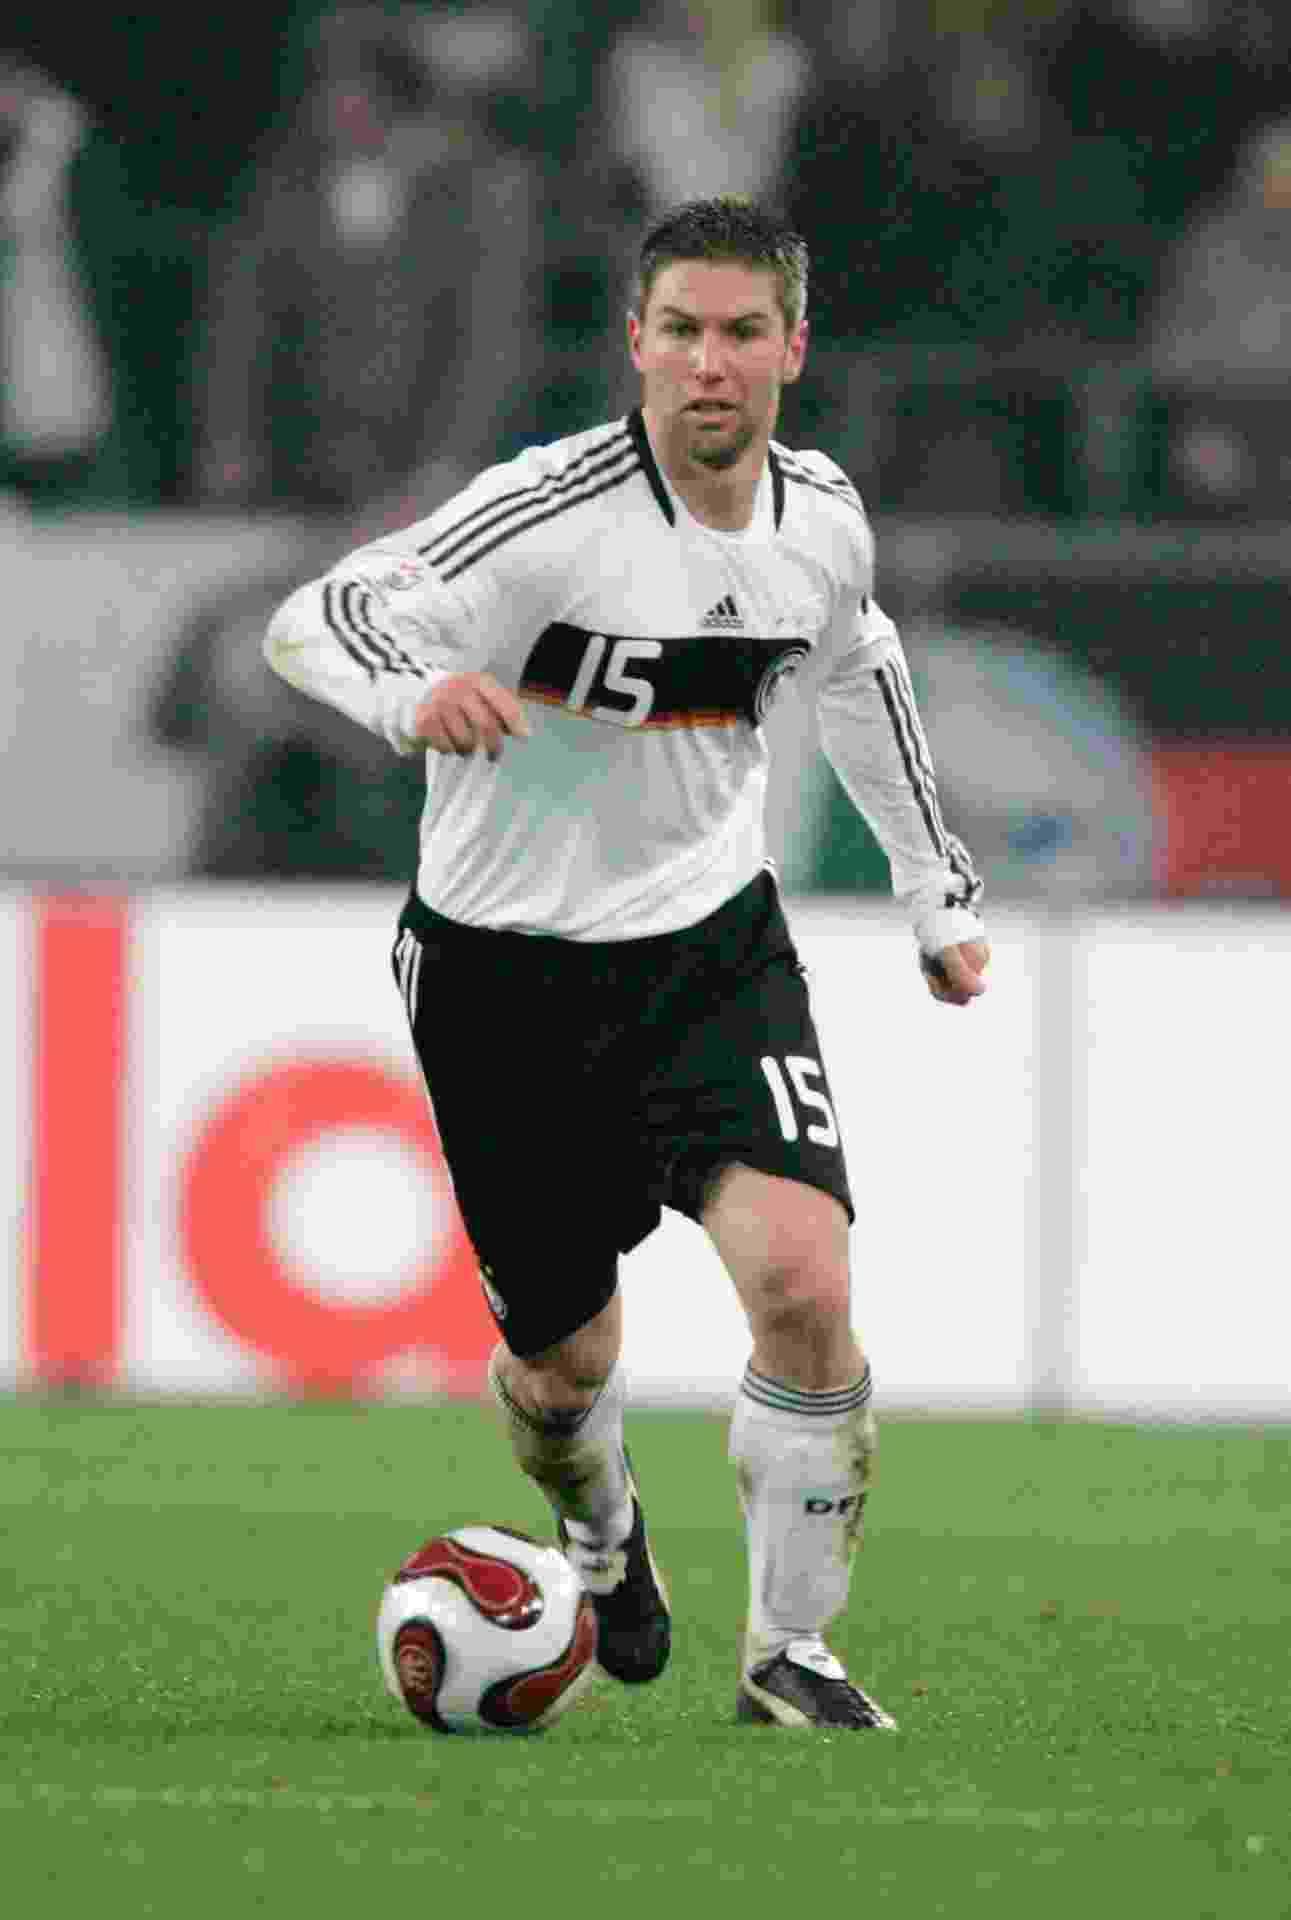 Thomas Hitzlsperger, jogador alemão que se declarou gay - AP Photo/Joerg Sarbach